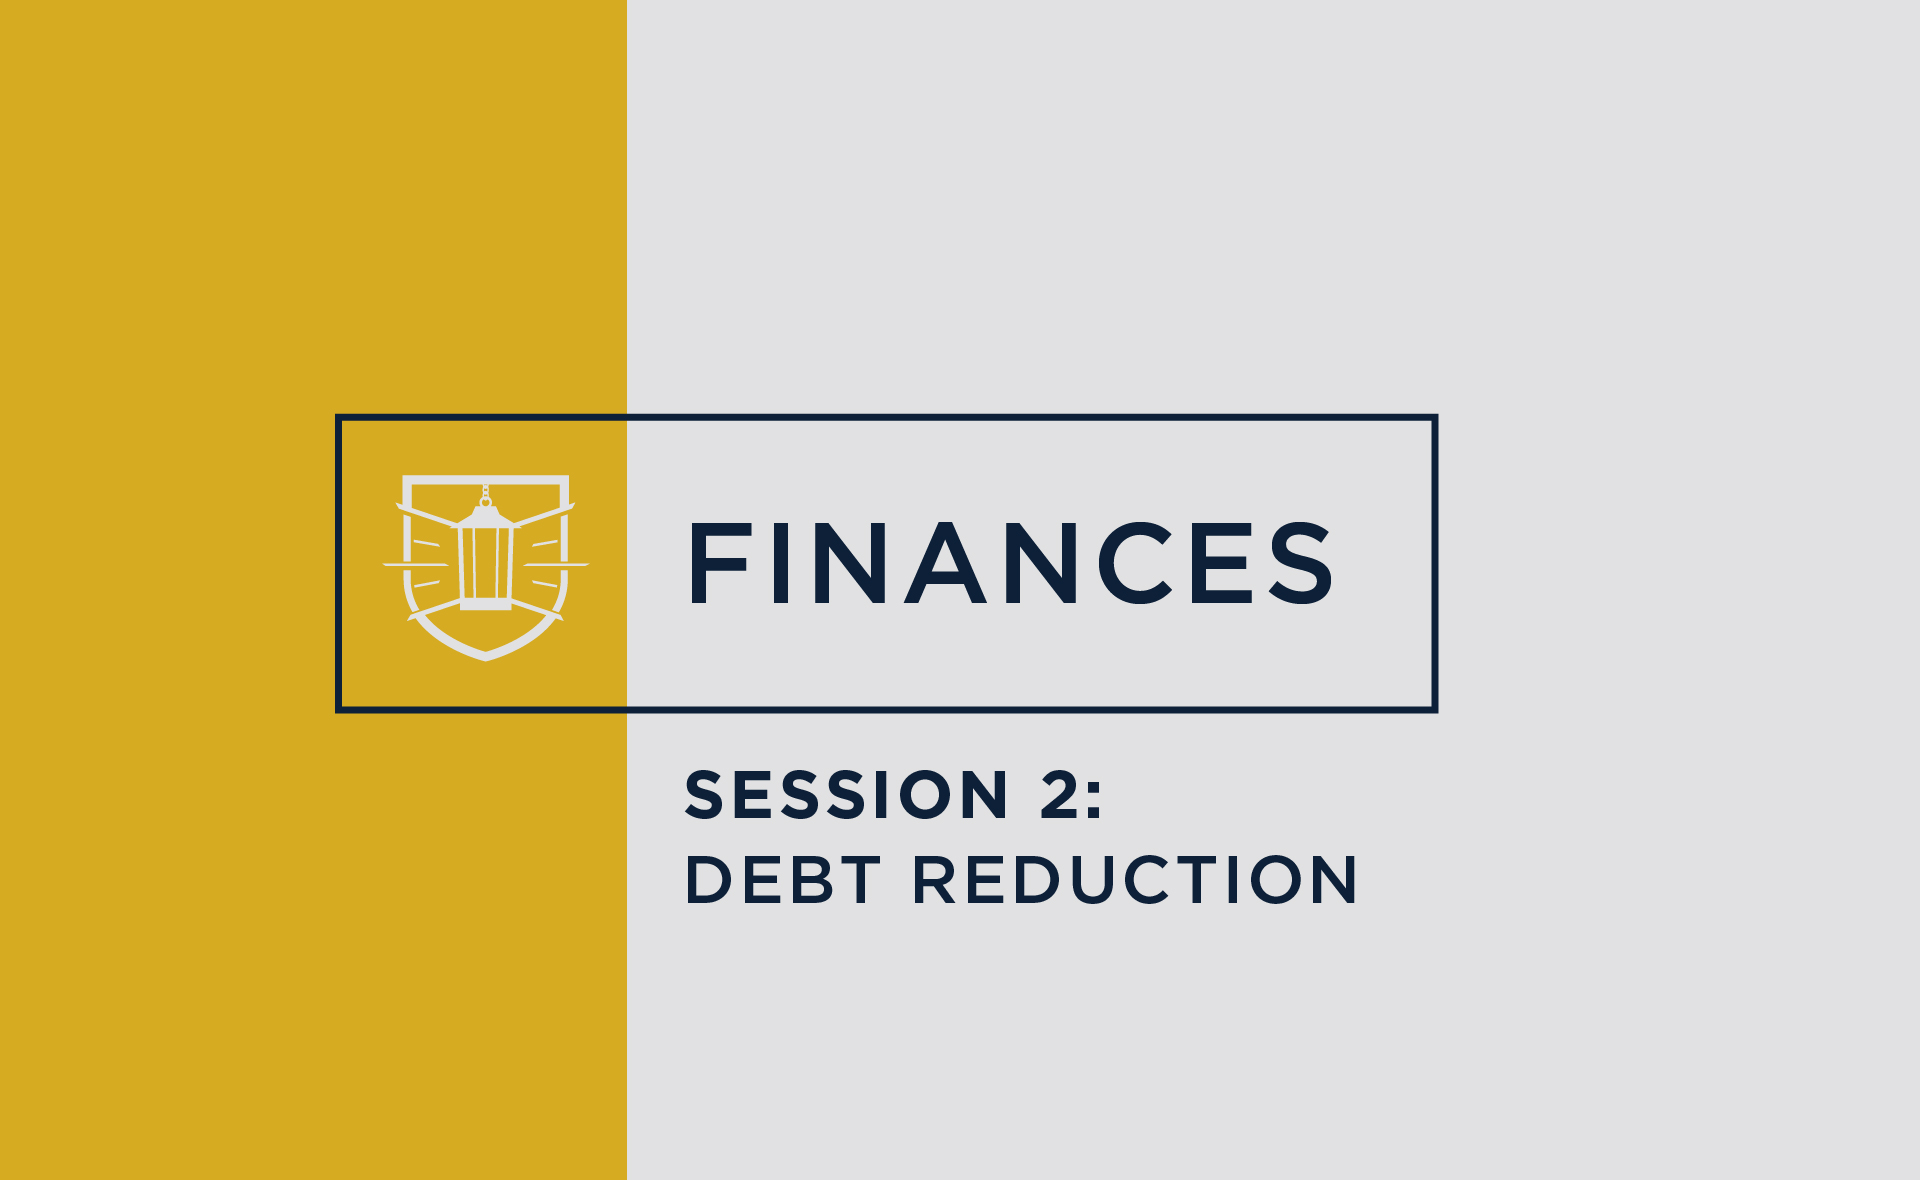 Finances 2: Debt Reduction